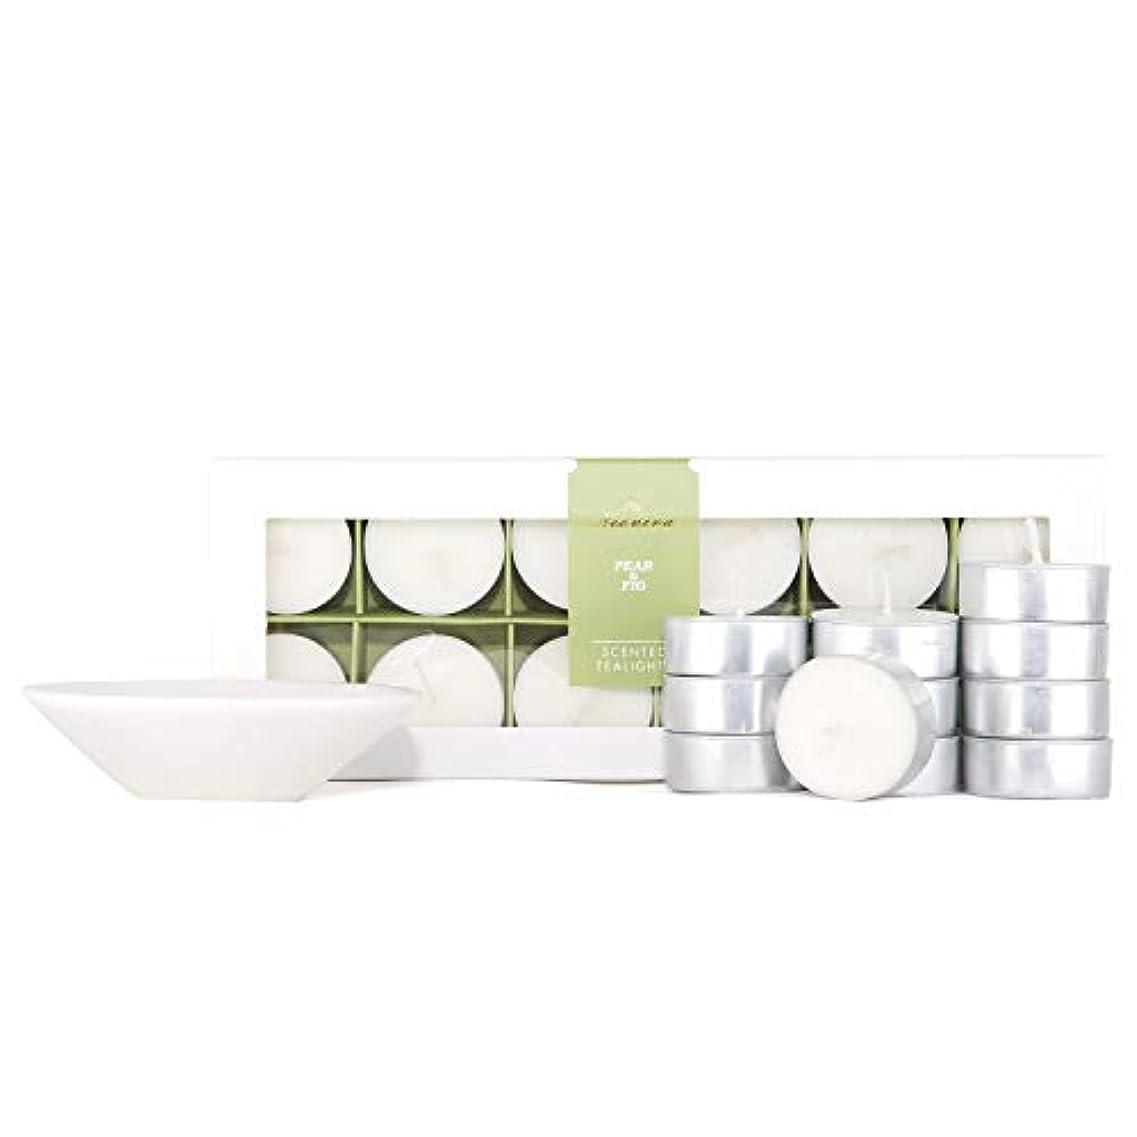 縮約内なる気まぐれなNEOVIVA HOME アロマテラピーキャンドル 100%天然エッセンシャルオイル 香り付きキャンドル 大豆ワックス ストレス解消 アロマセラピー用 ギフトセット 12パック Pear&Fig